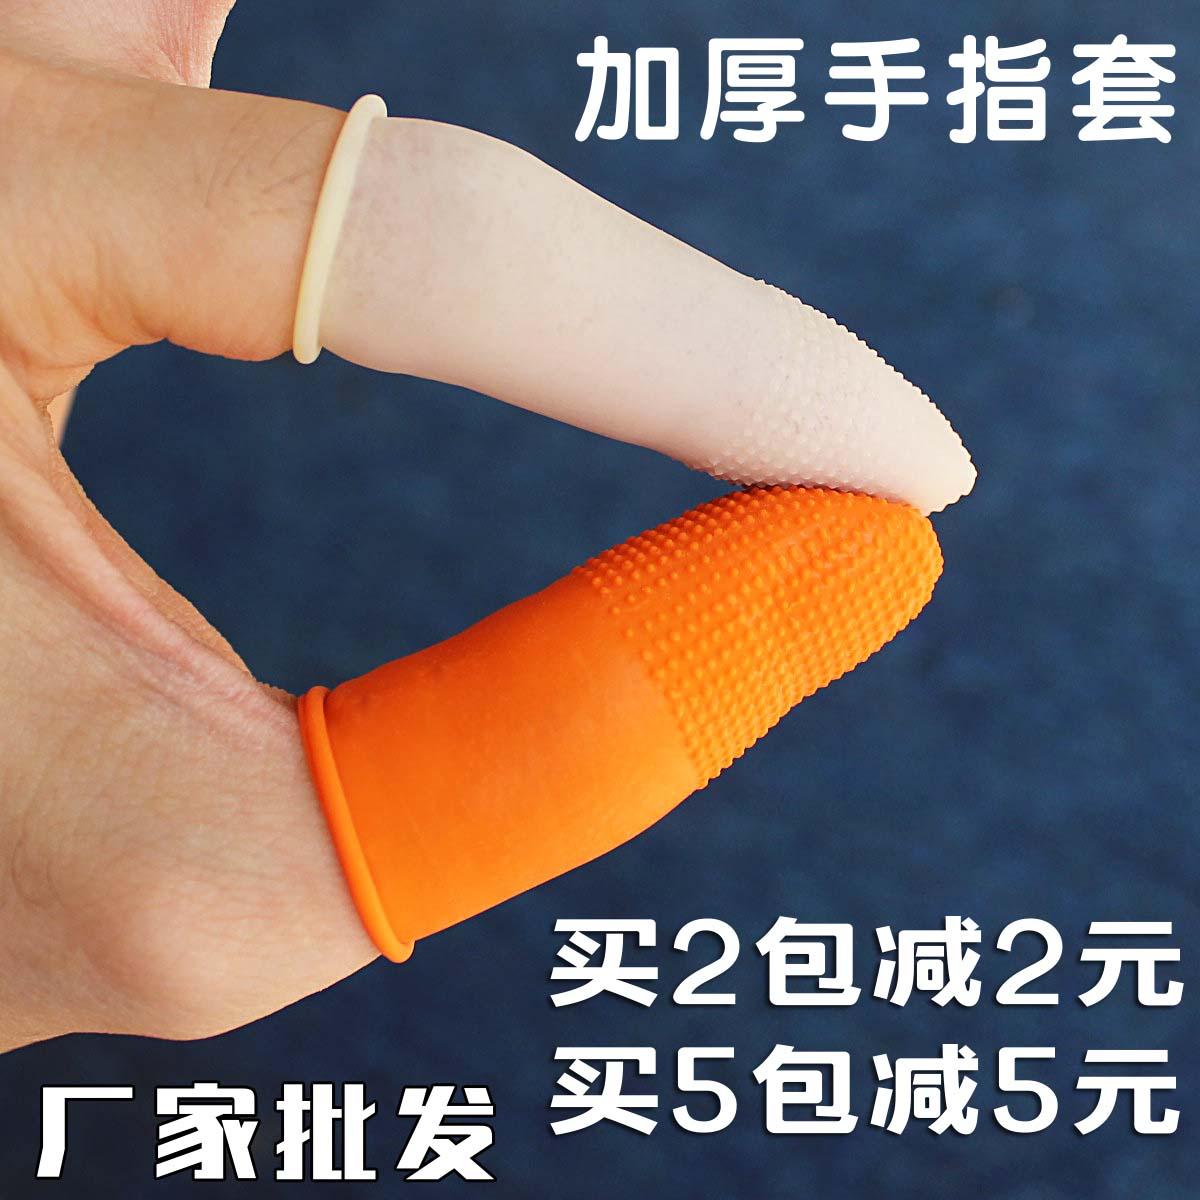 オレンジ色の使い捨てぼつぼつ膠ゴム工業耐摩耗しておりスリップ指セットエマルジョン防護ネイル